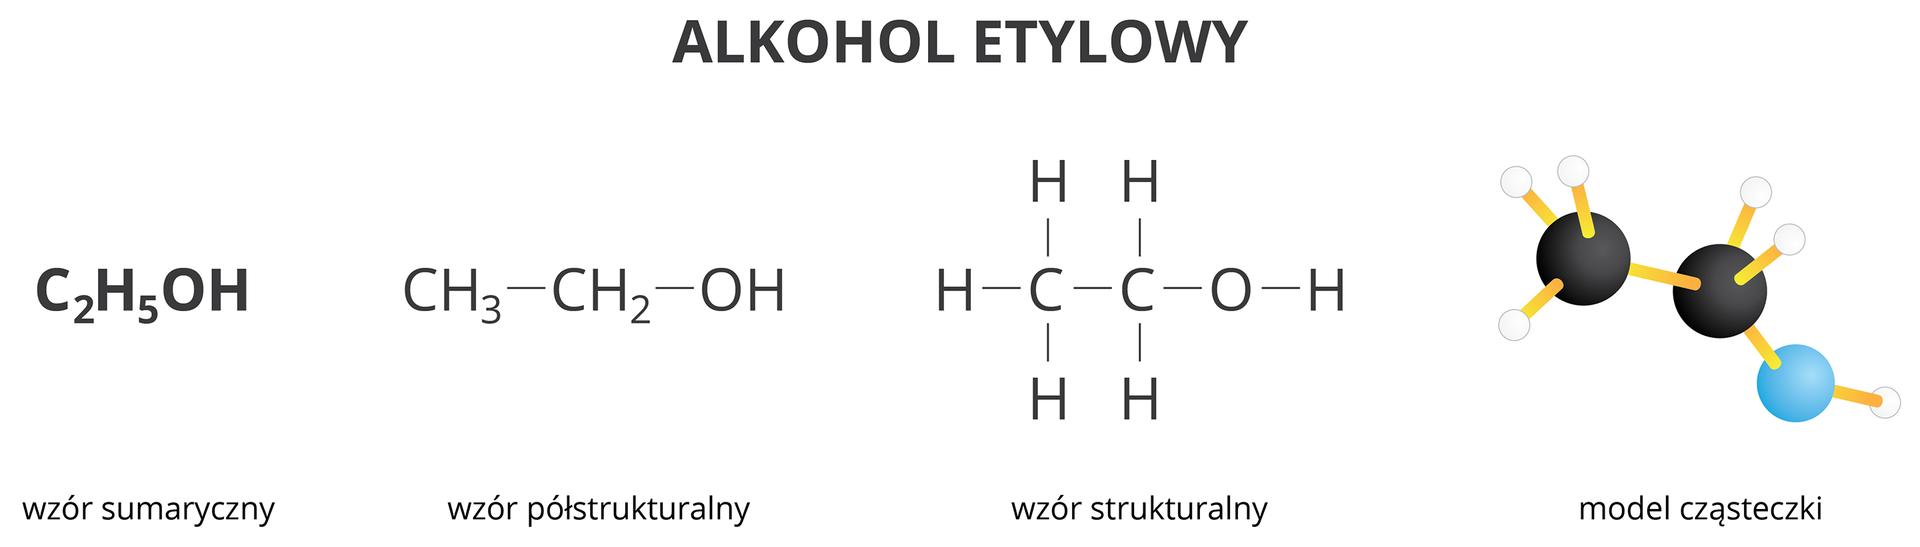 Model iwzory alkoholu etylowego